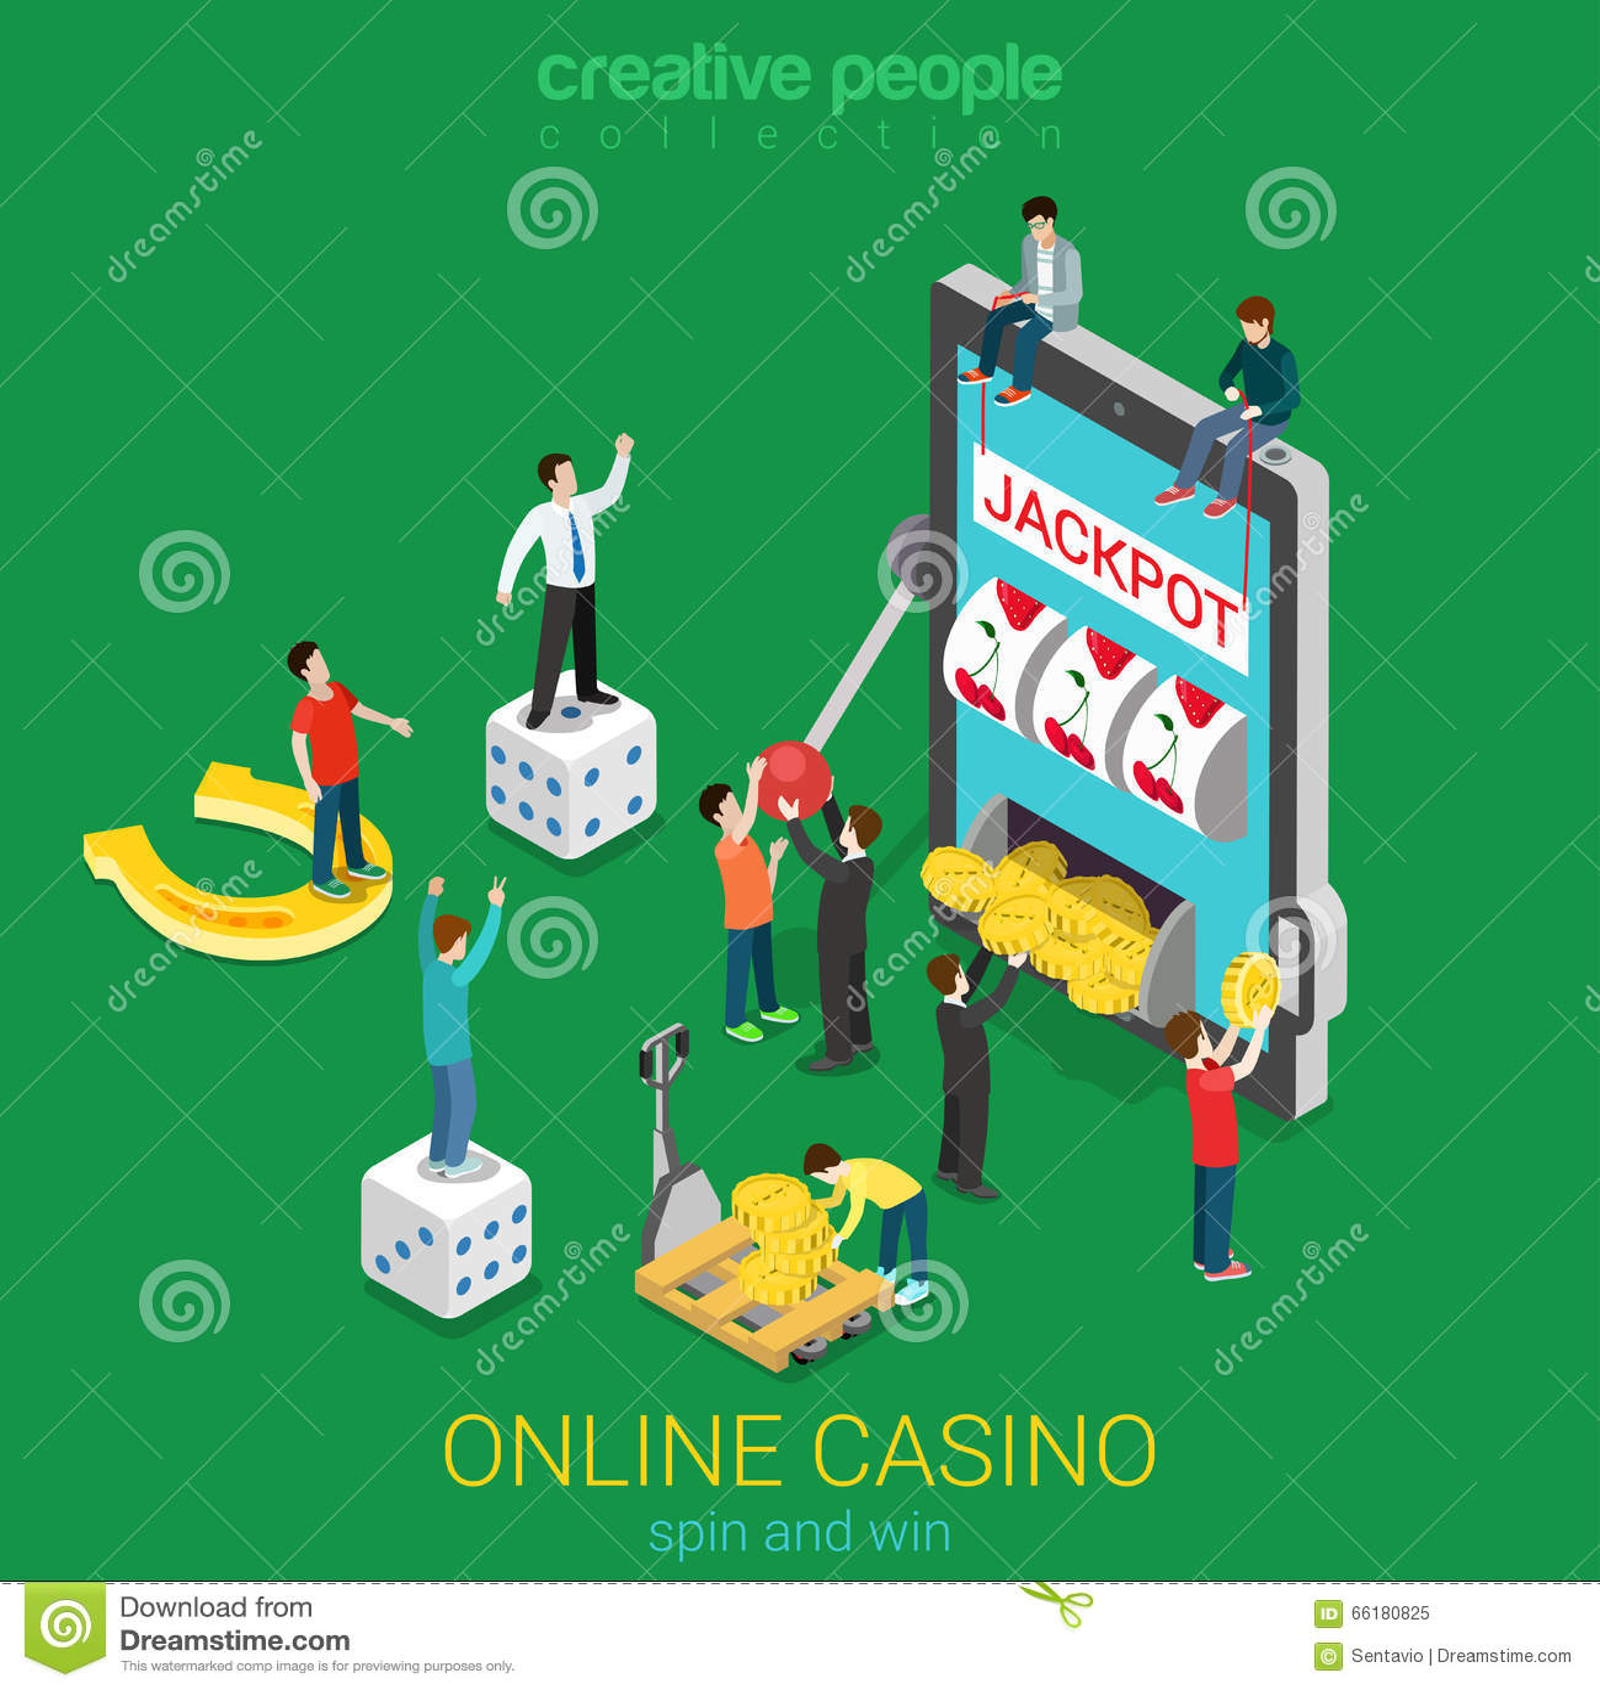 online casino online online jackpot